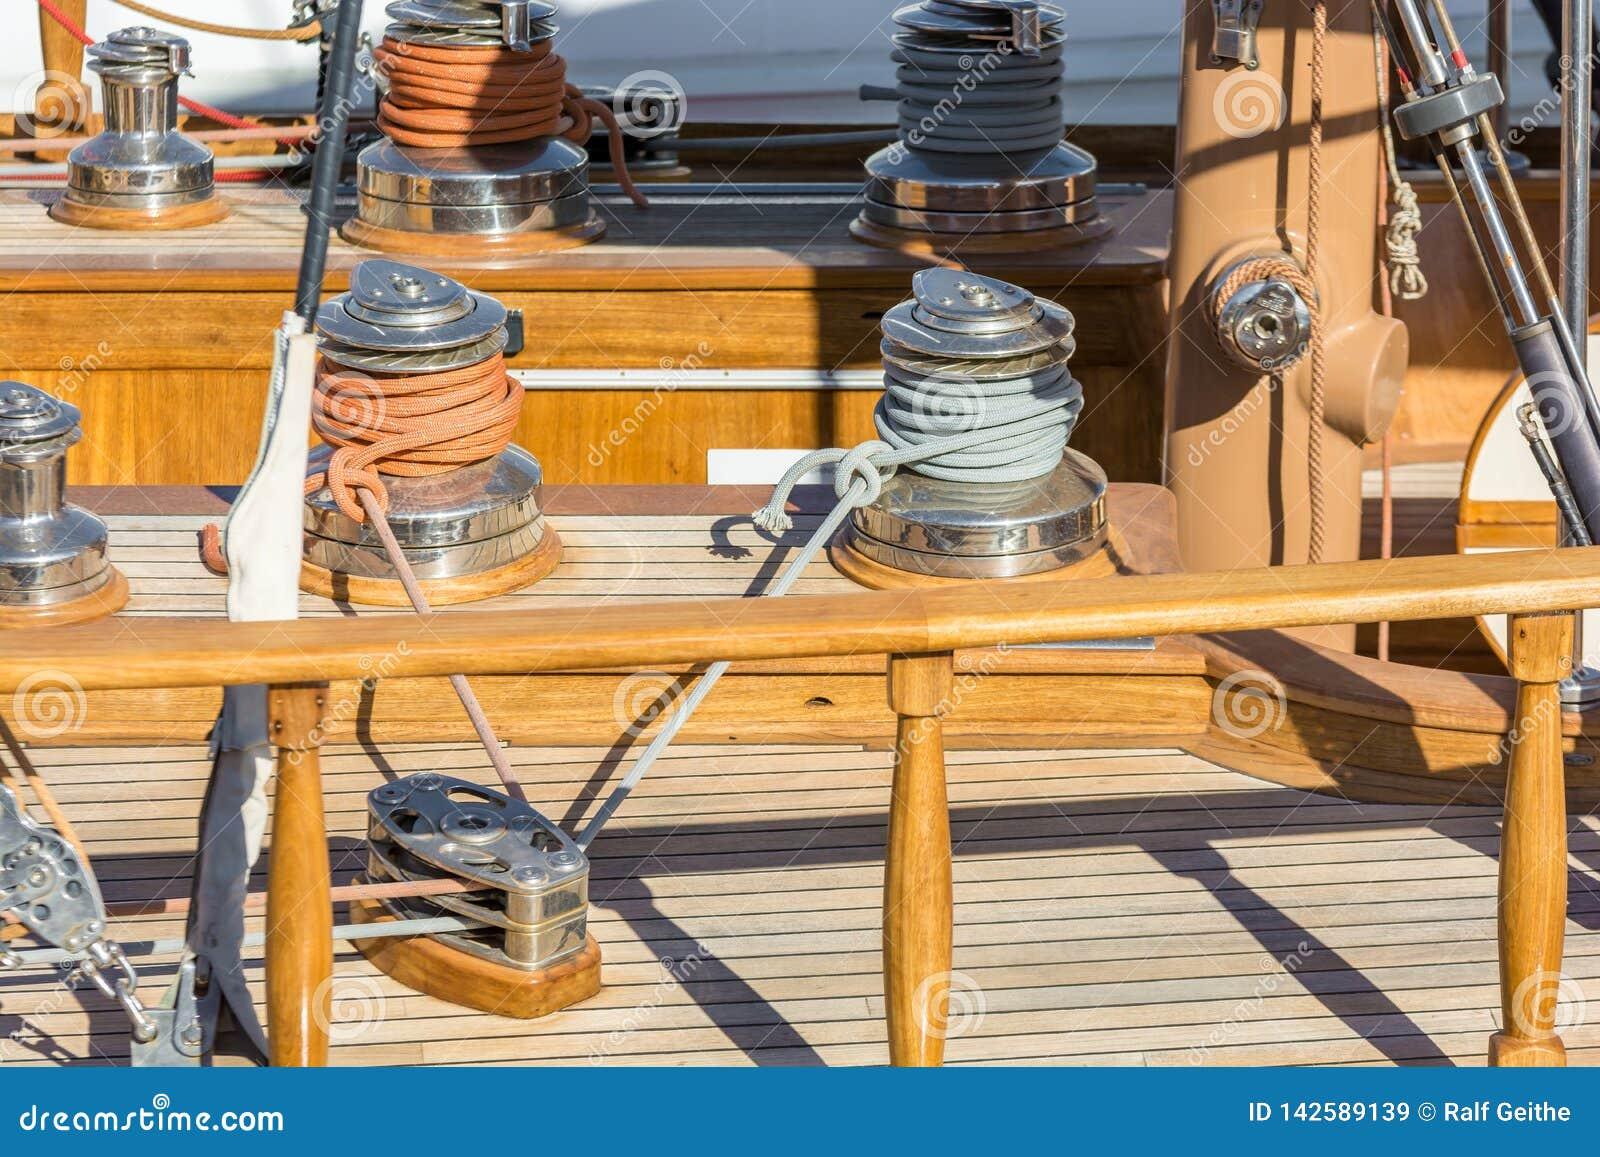 Luxuriöses Segelboot mit hölzerner Plattform und ausführlicher Darstellung des Seils und der Kurbeln